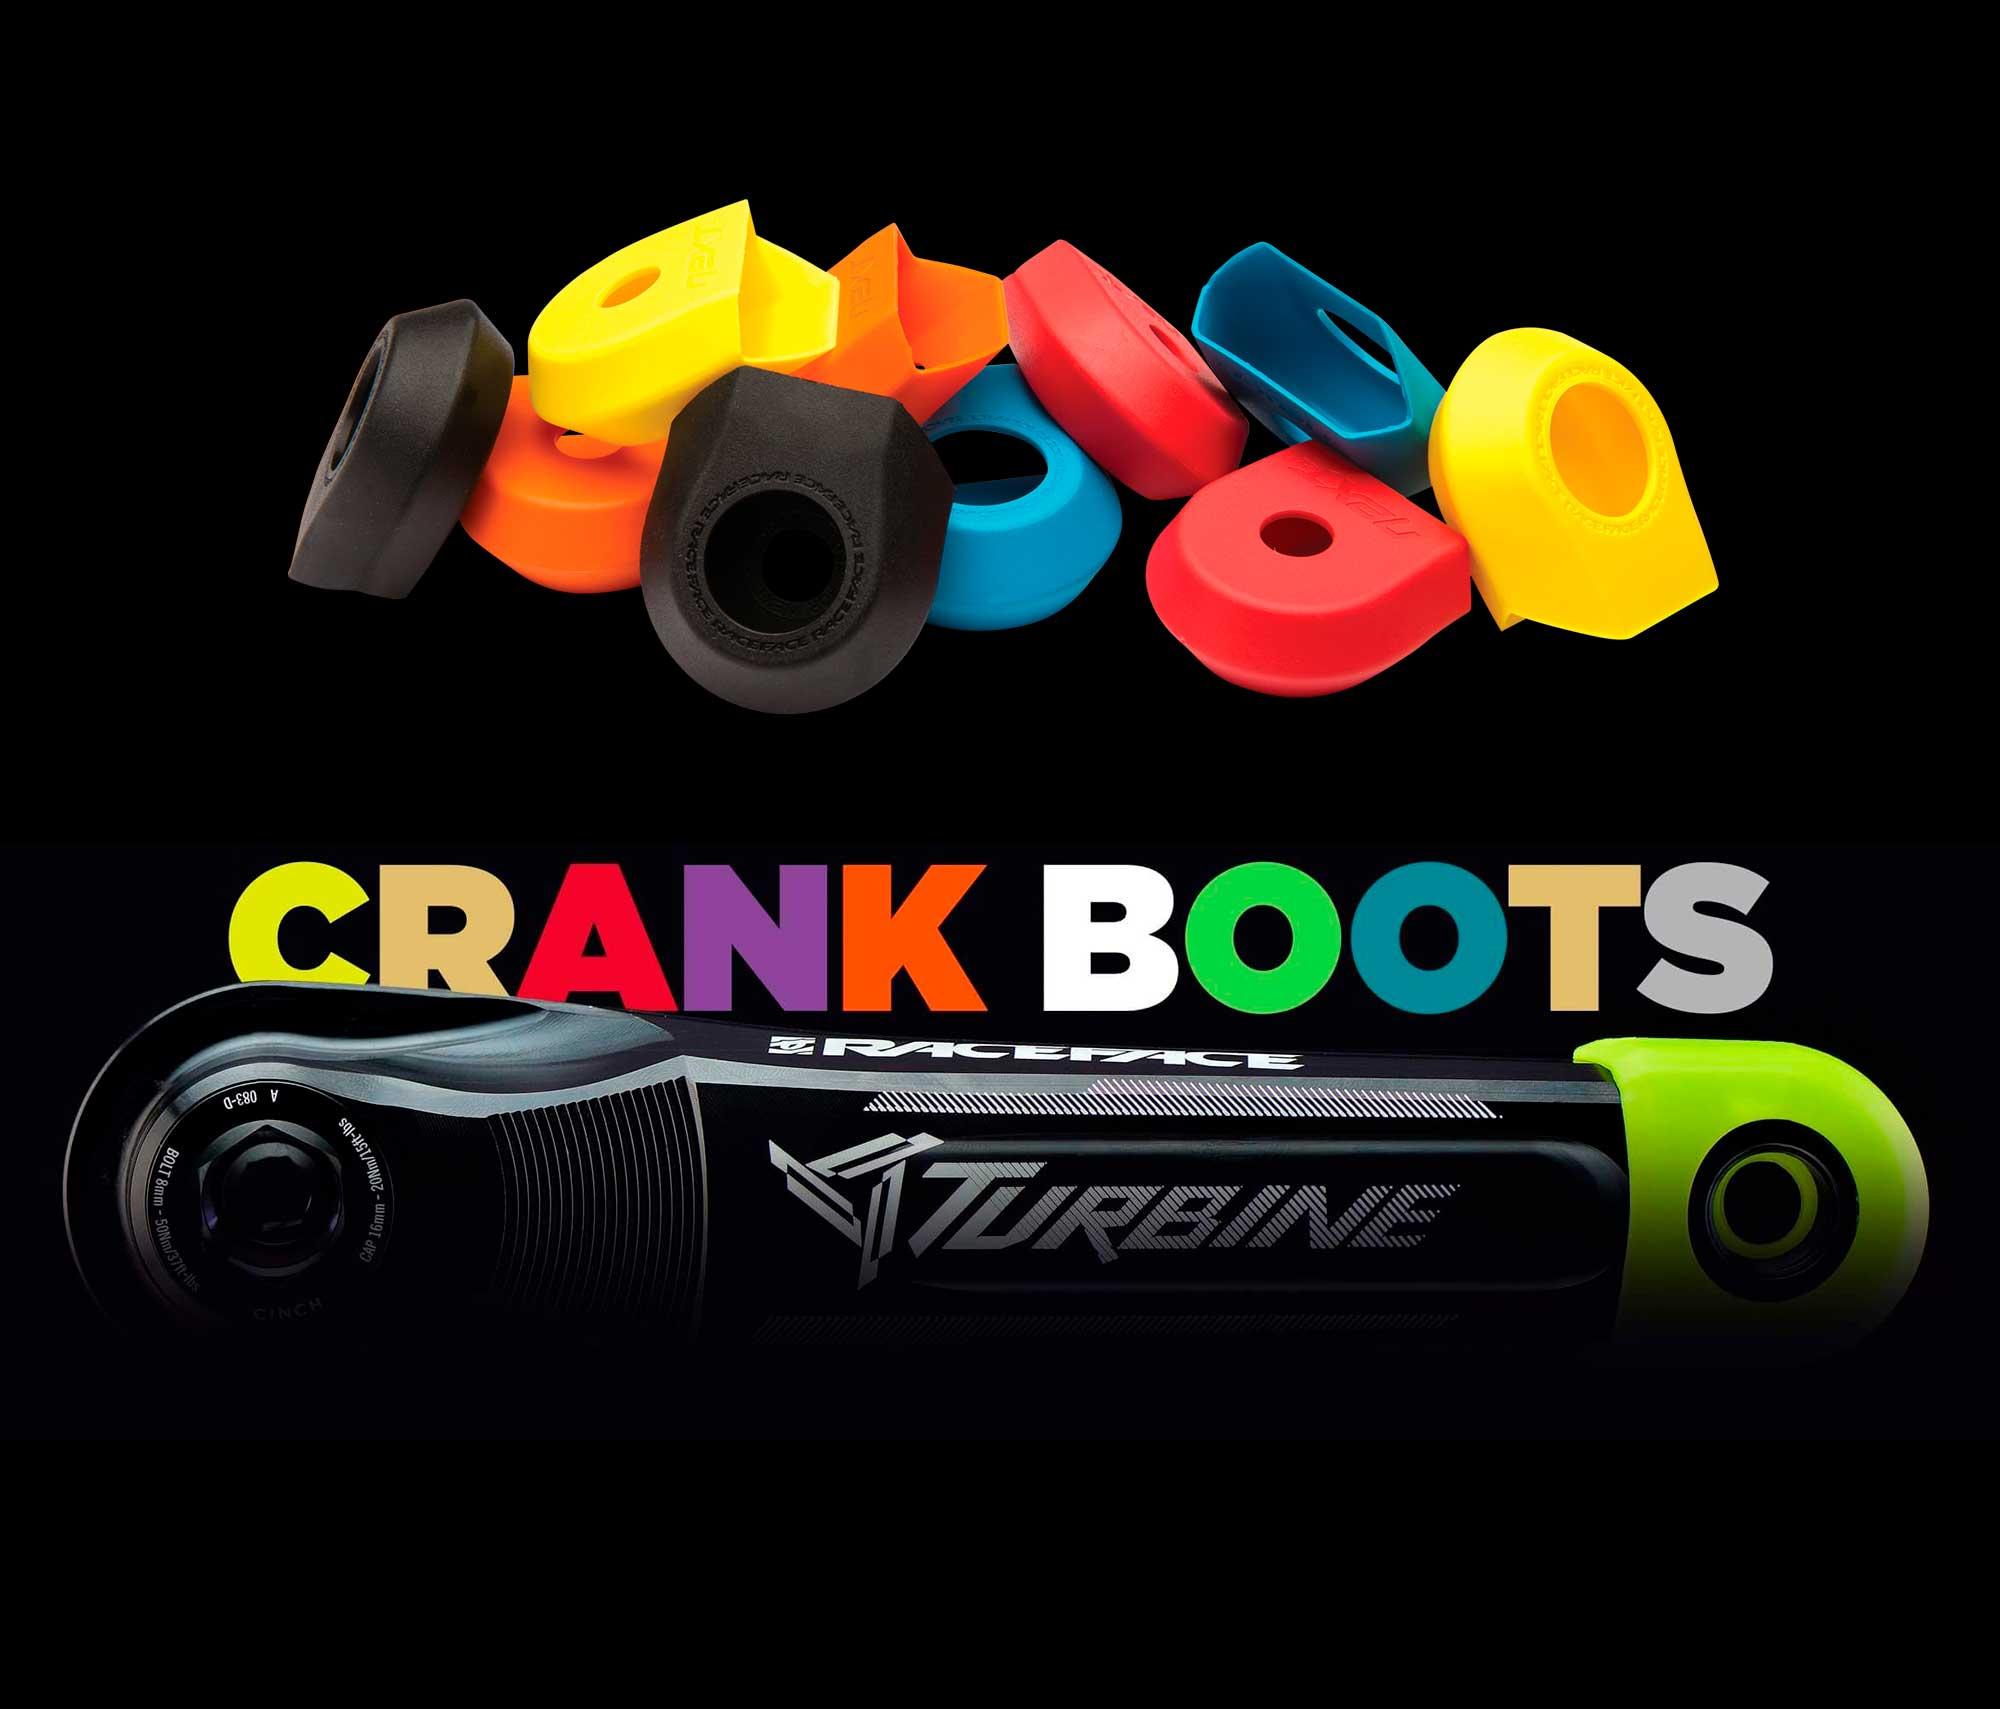 Crank Boots de Race Face